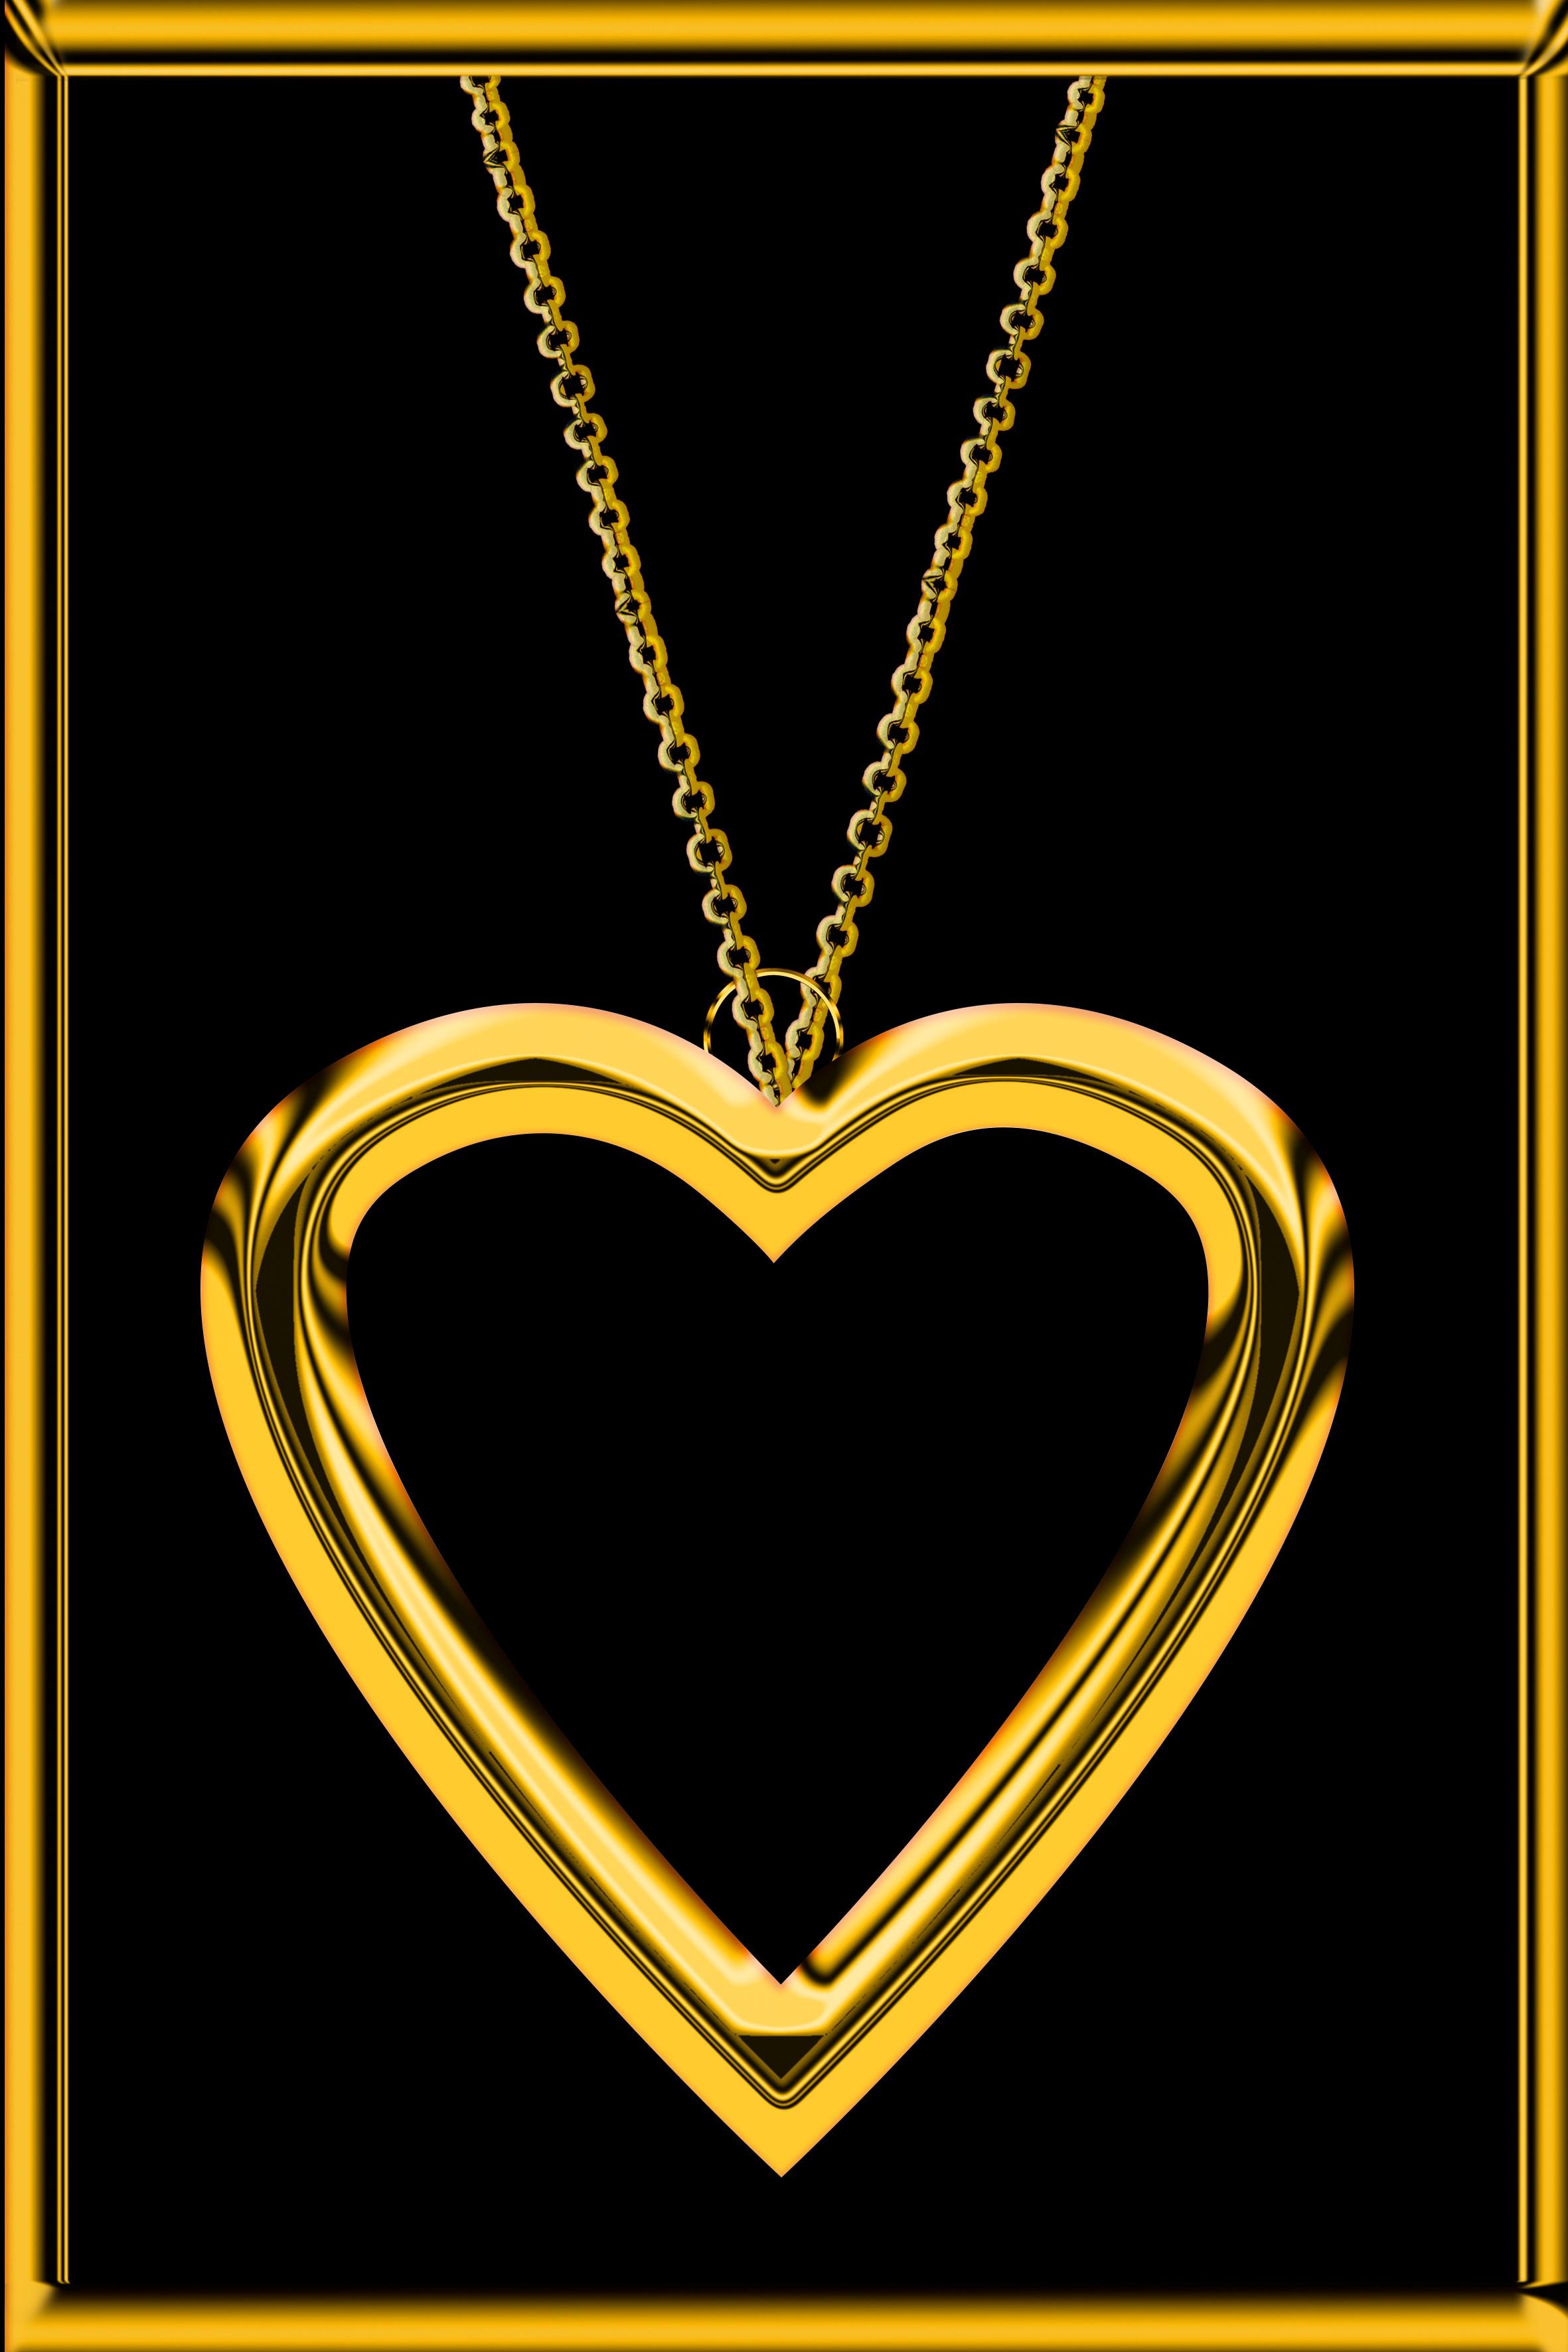 images gratuites : amour, cœur, cadeau, d'or, symbole, romance